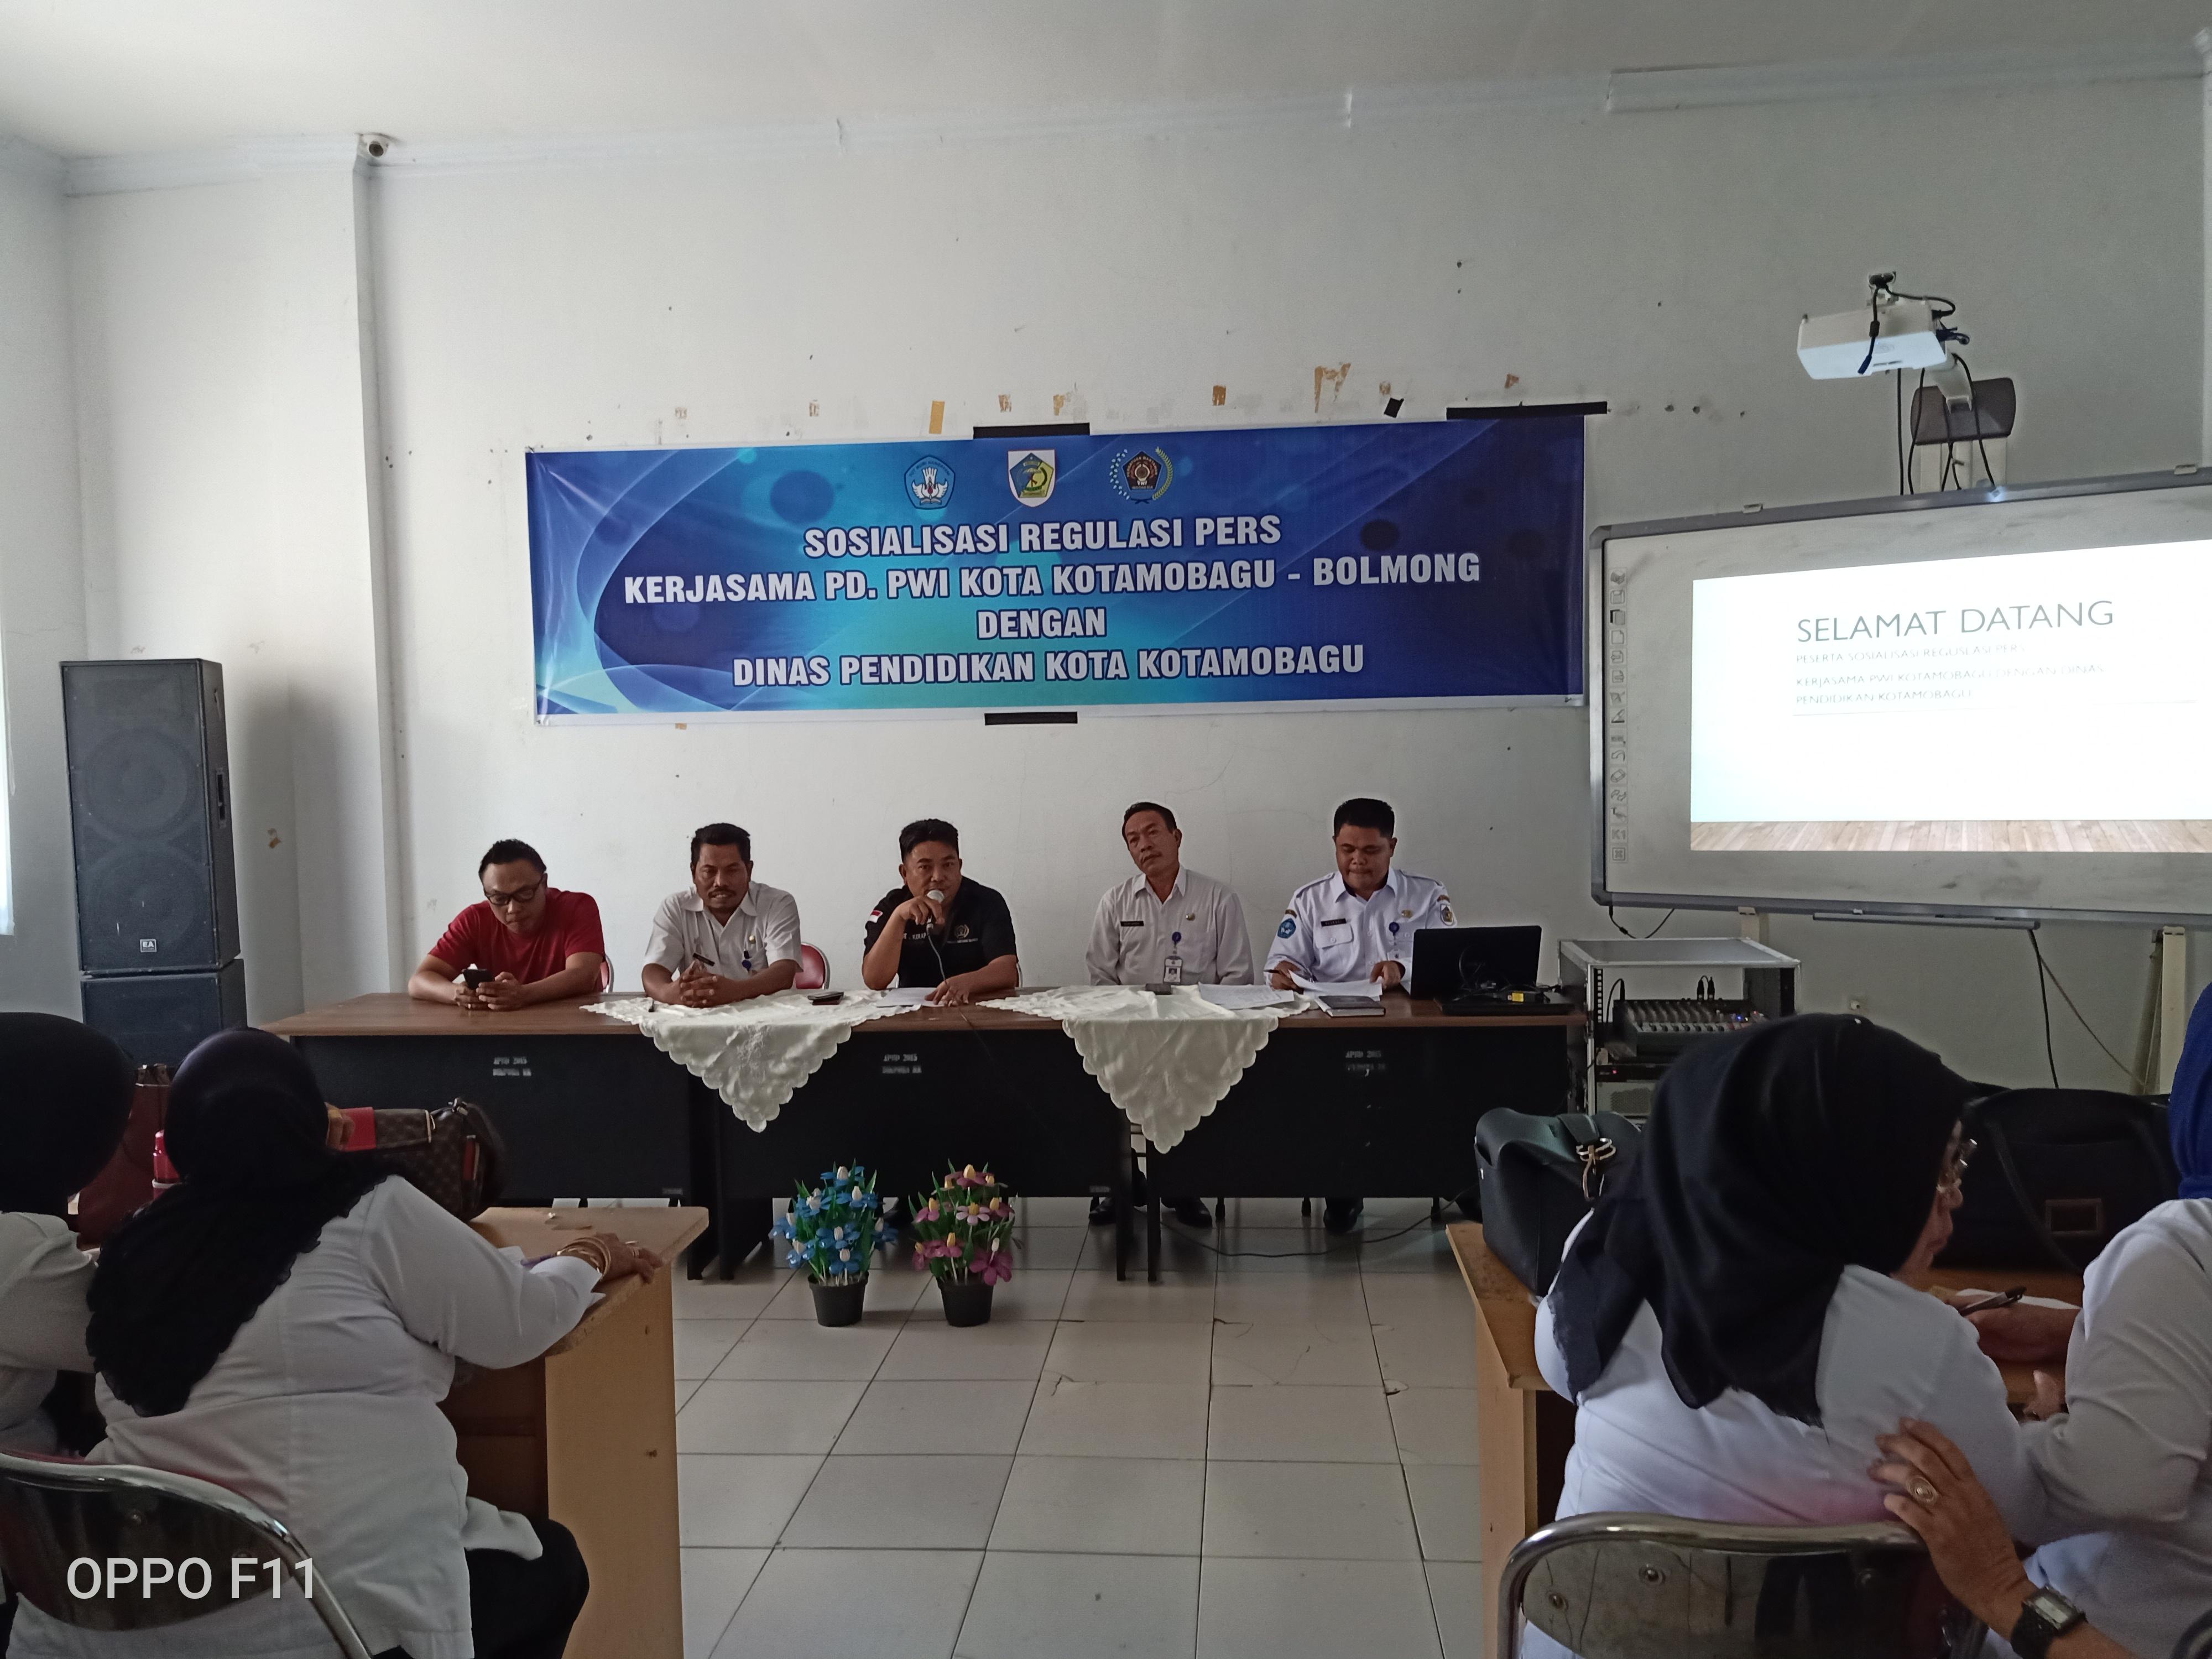 Dinas Pendidikan Kotamobagu Kerja Sama Dengan PWI Gelar Sosialisasi Regulasi Pers